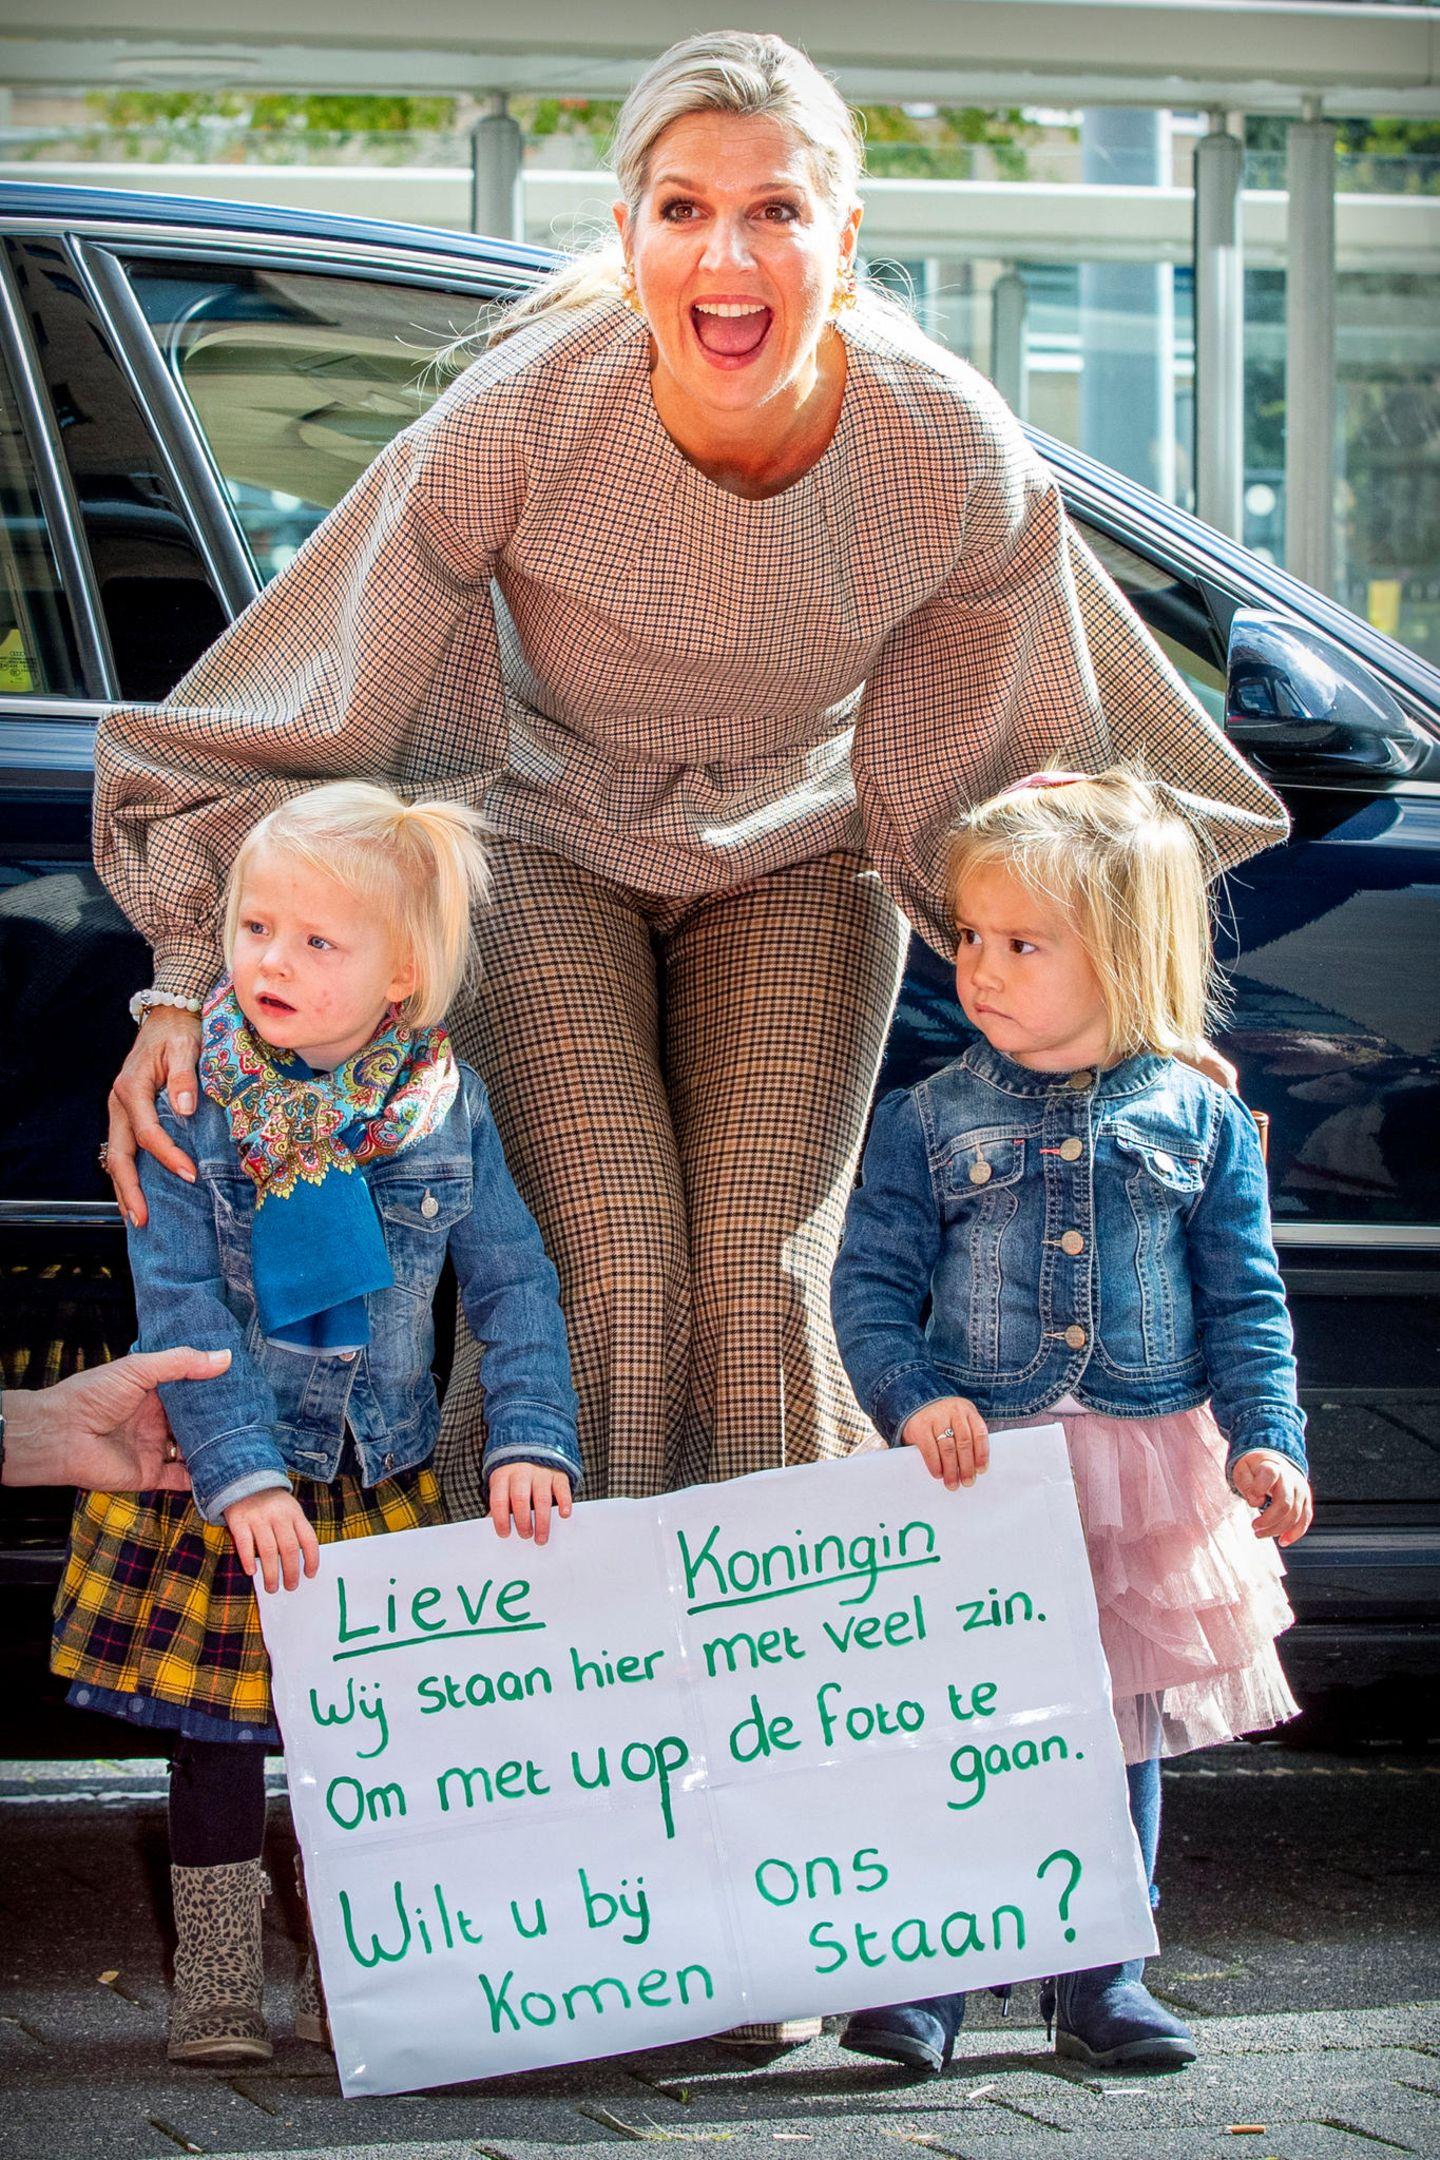 3. Oktober 2019  Königin Máxima besucht n Amersfoort, Niederlande,die Organisation MIND, die sich für eine psychisch und mental starke Gesellschaft einsetzt. Bei ihrer Ankunft wird sie von zwei kleinen Mädchen mit Hilfe eines handgeschriebenen Plakatesum ein Foto gebeten.